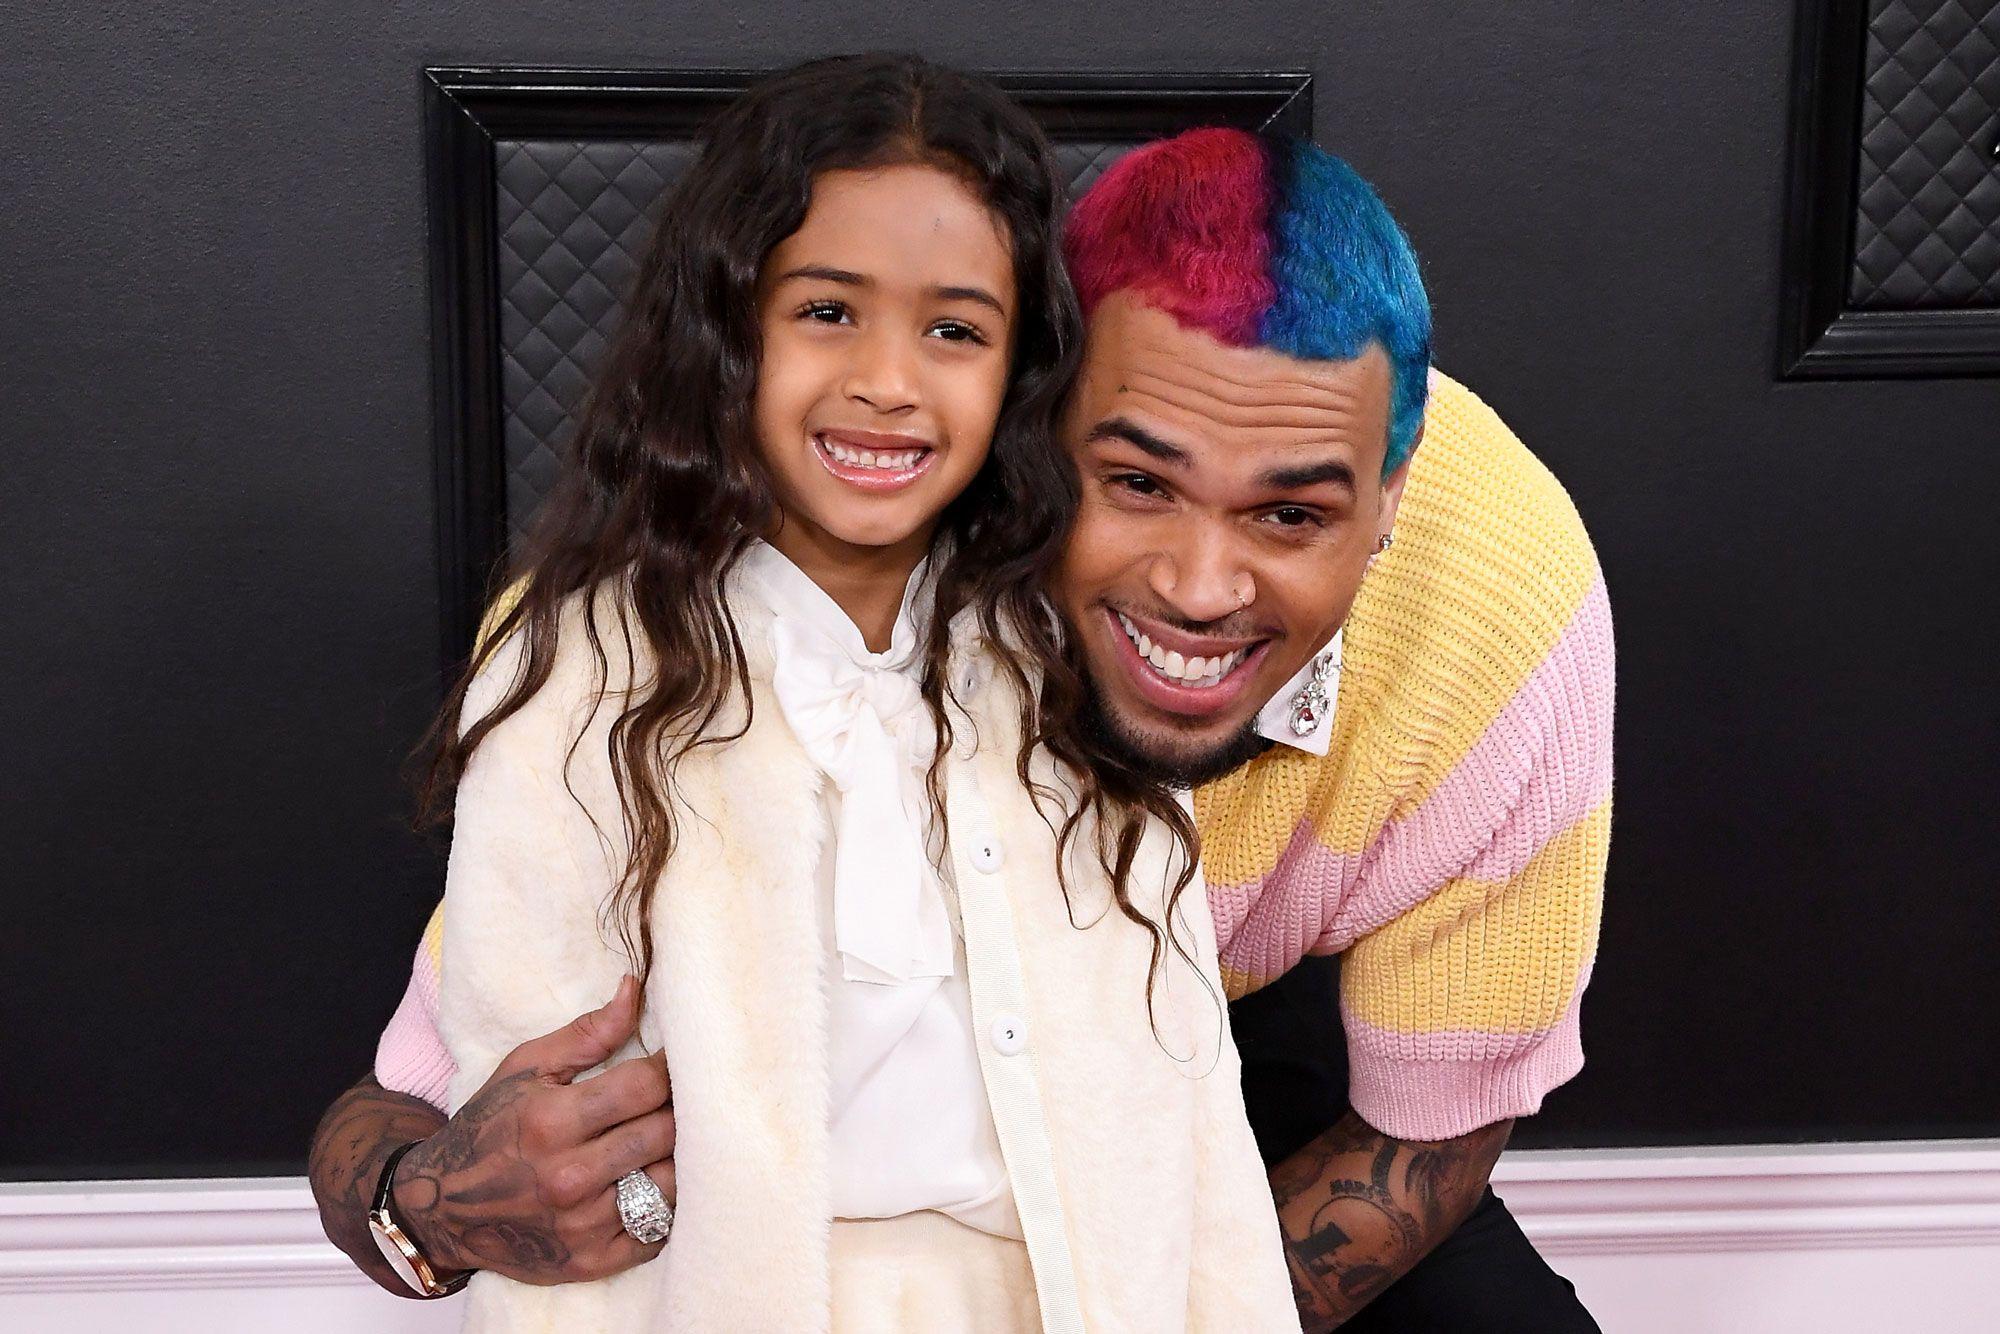 Daughter of Chris Brown